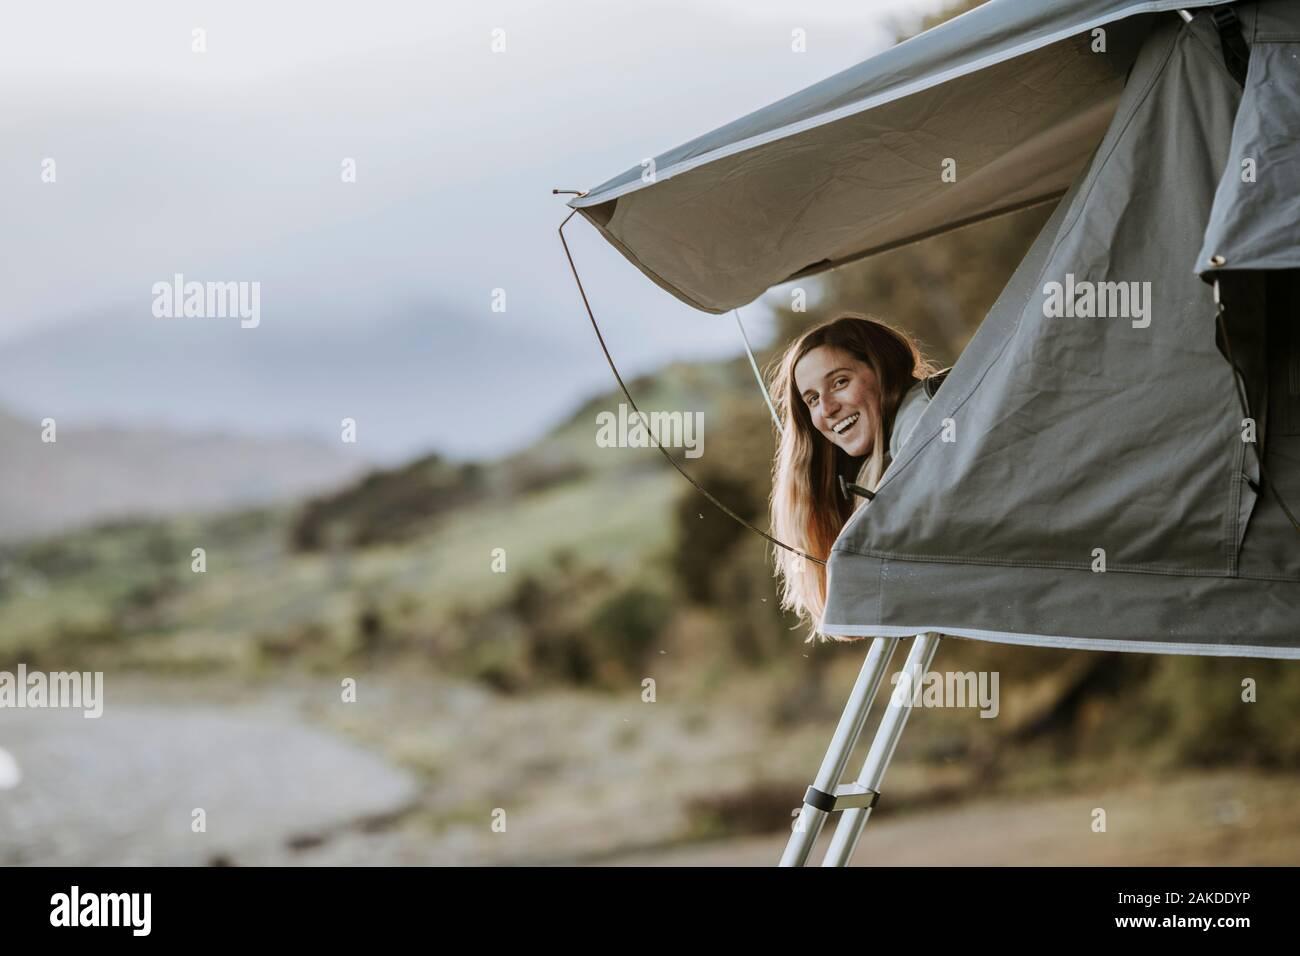 Una joven mujer sonriente se pega la cabeza de una tienda de campaña en Nueva Zelanda. Foto de stock